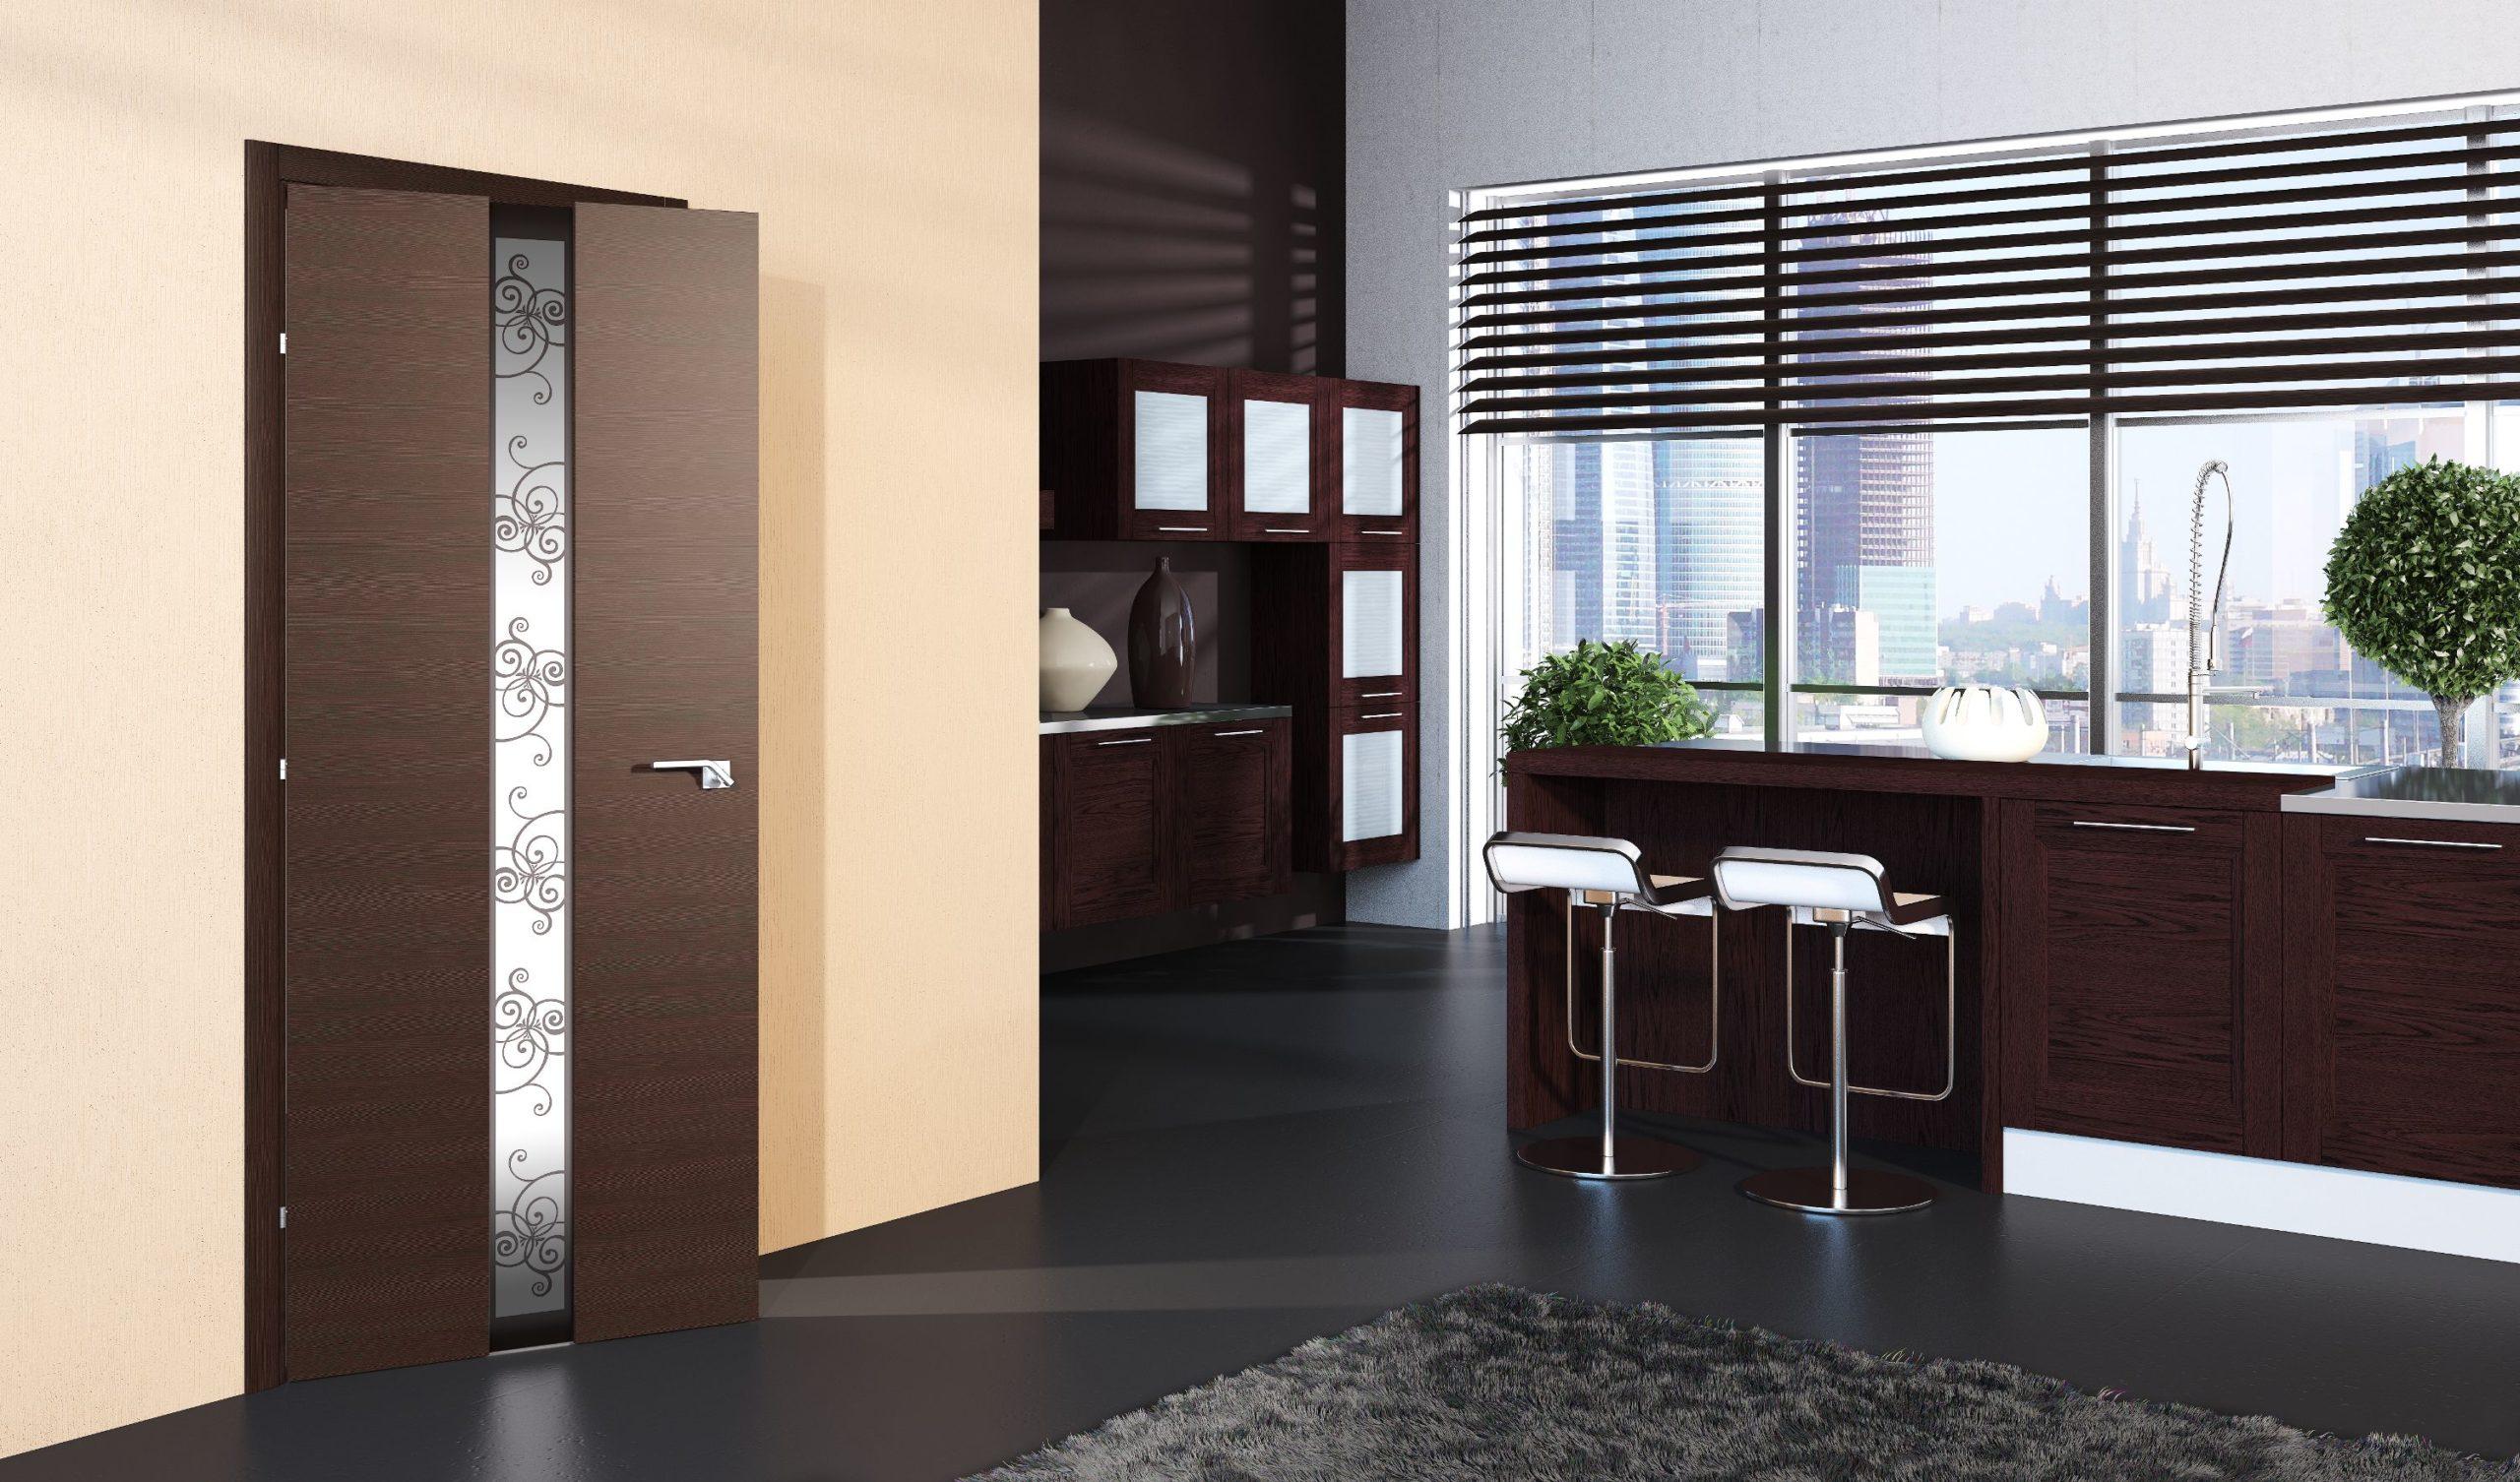 двери на кухне коричневого цвета